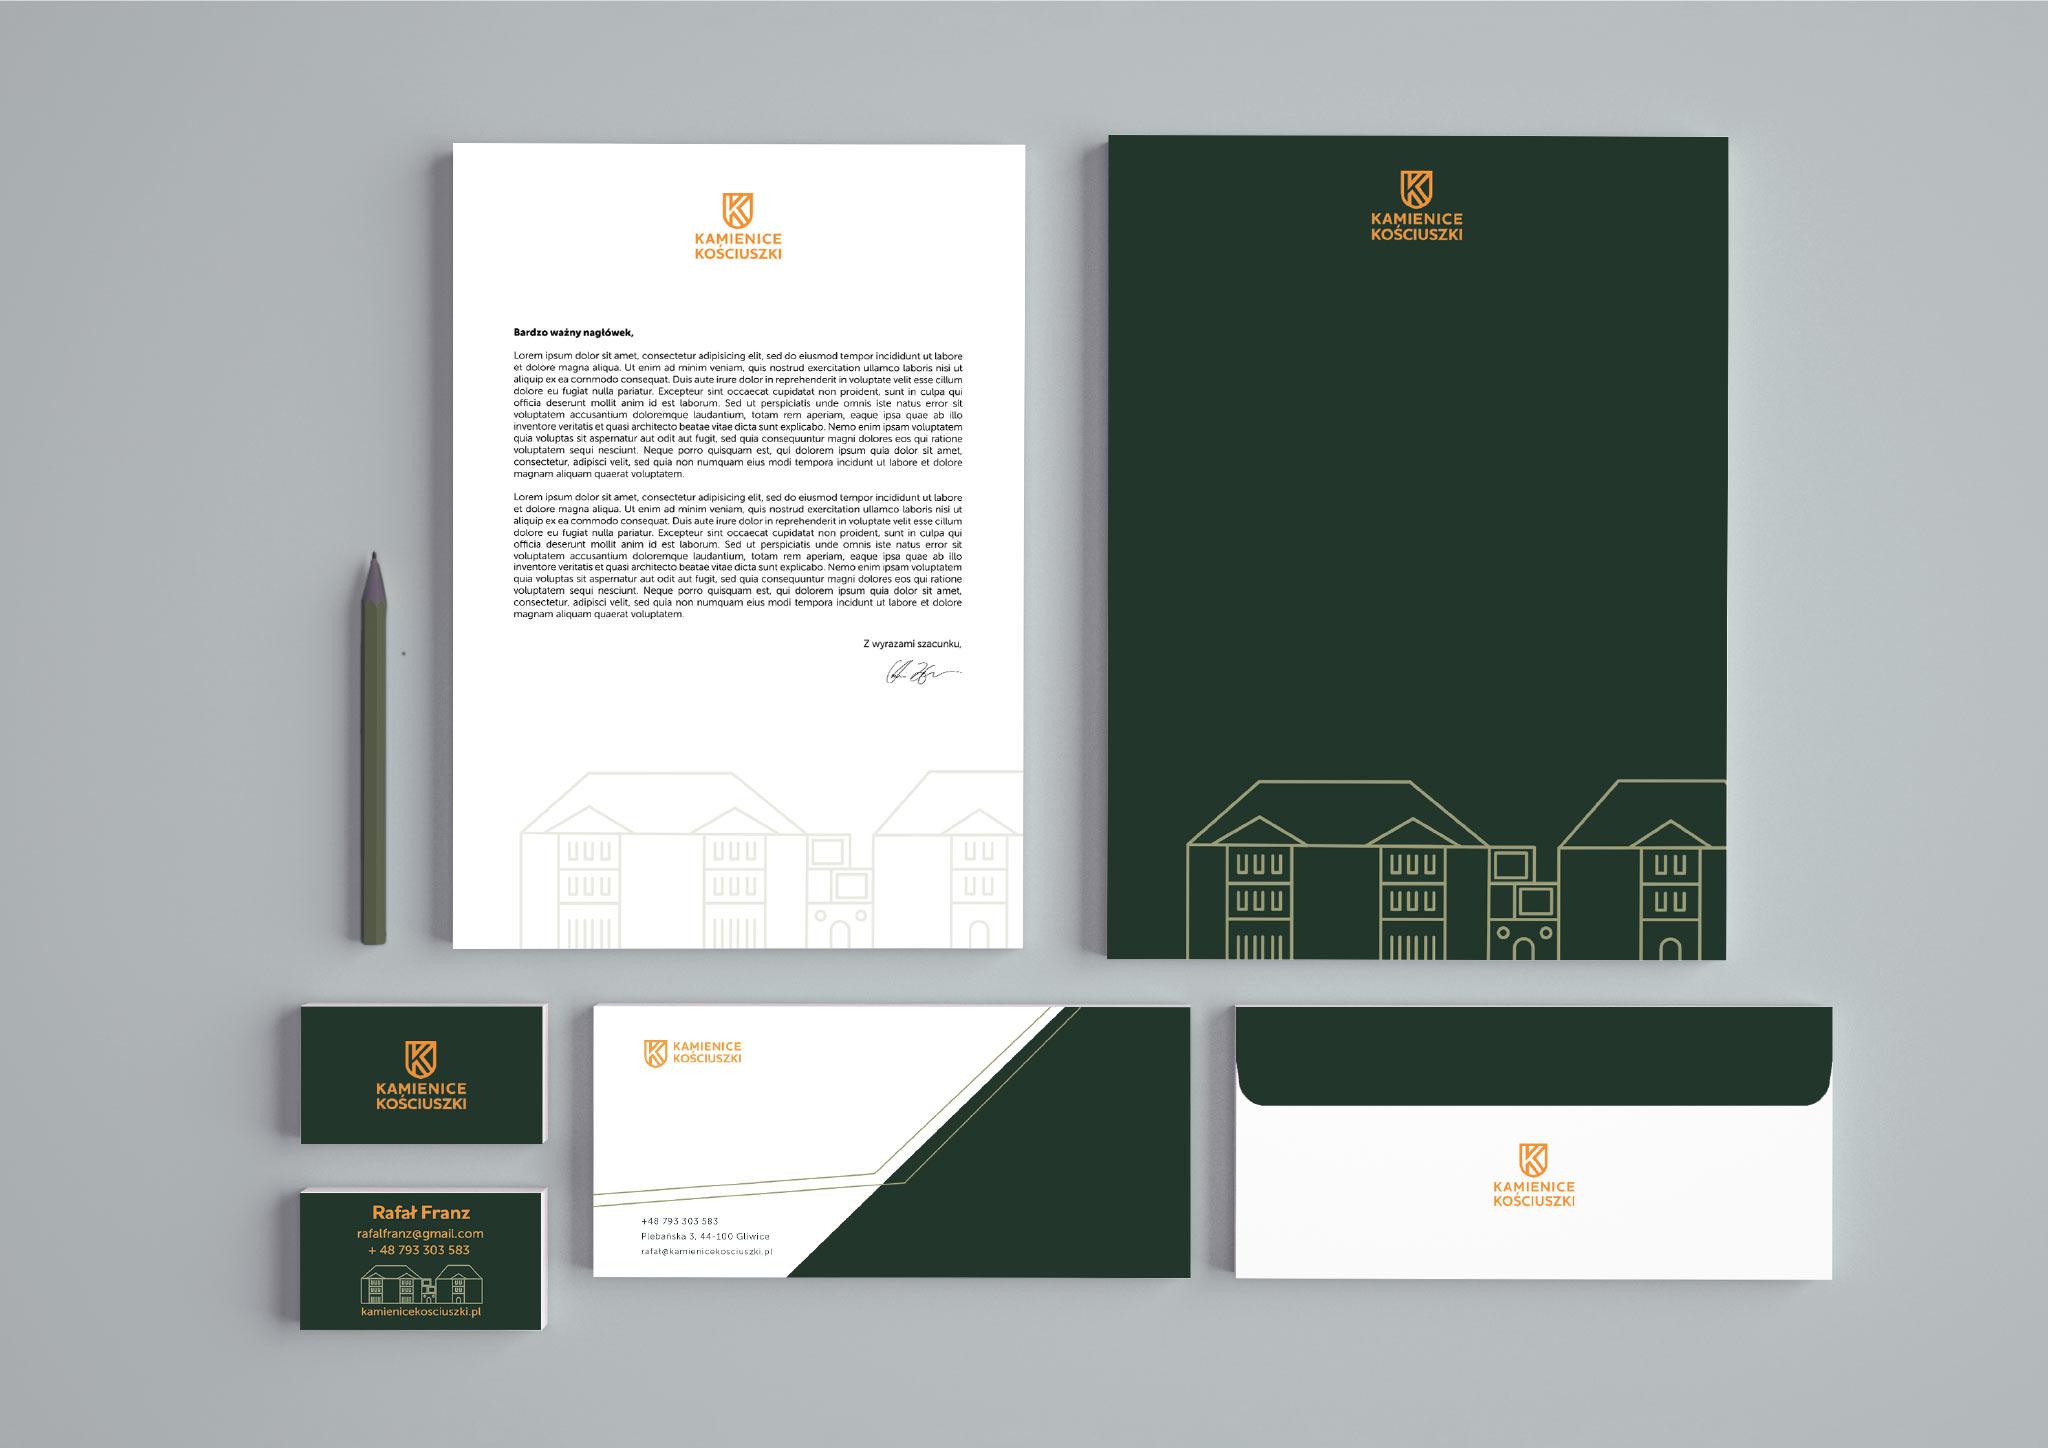 materiały biurowe identyfikacja wizualna Kamienice Kosciuszki Gliwice